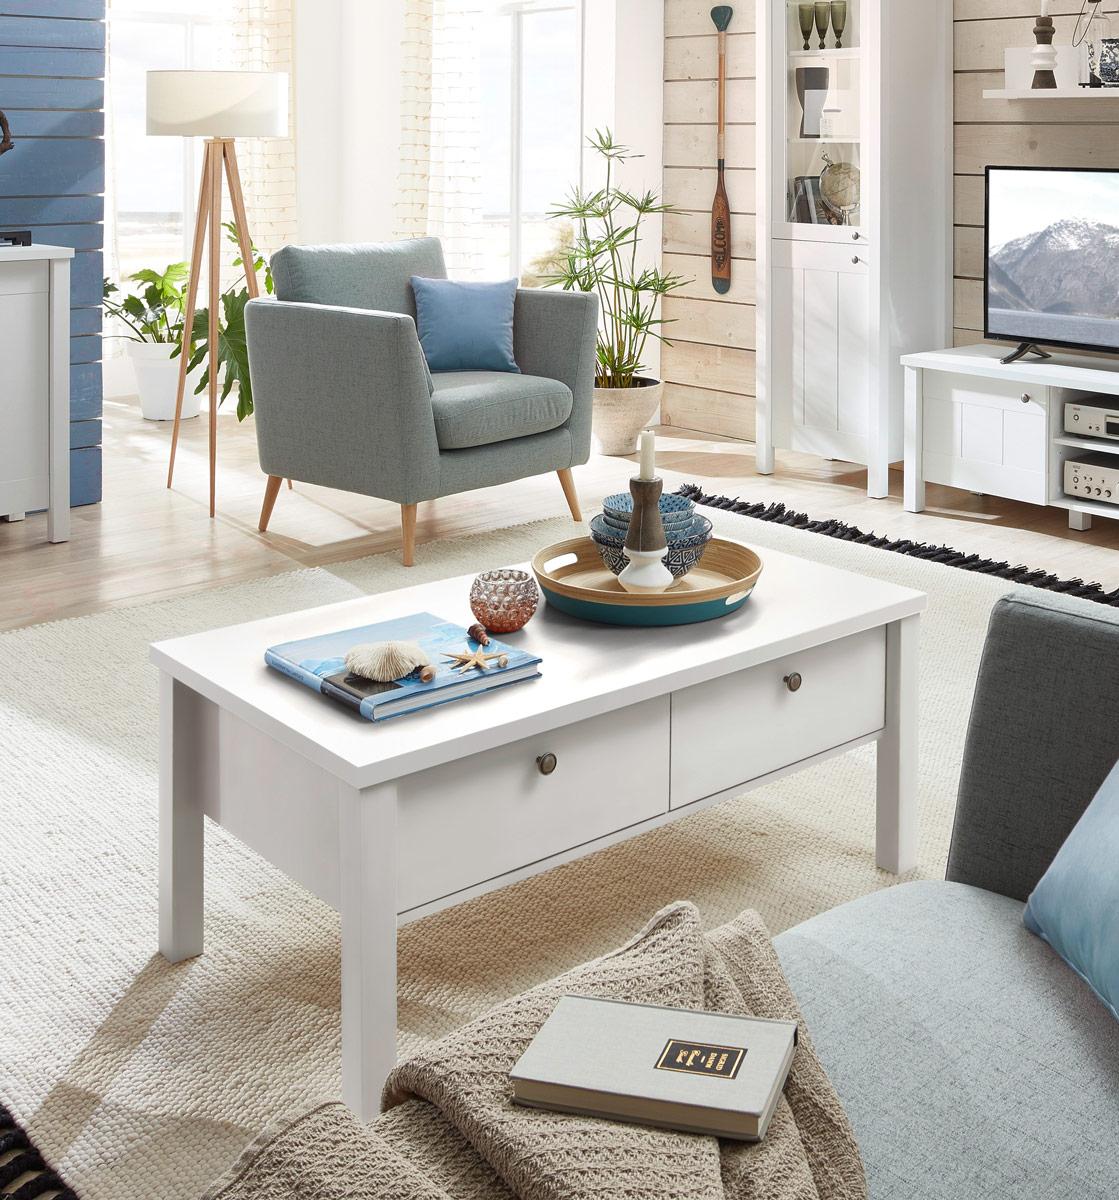 couchtisch 60 x 60 cm hochglanz wei preisvergleich die besten angebote online kaufen. Black Bedroom Furniture Sets. Home Design Ideas